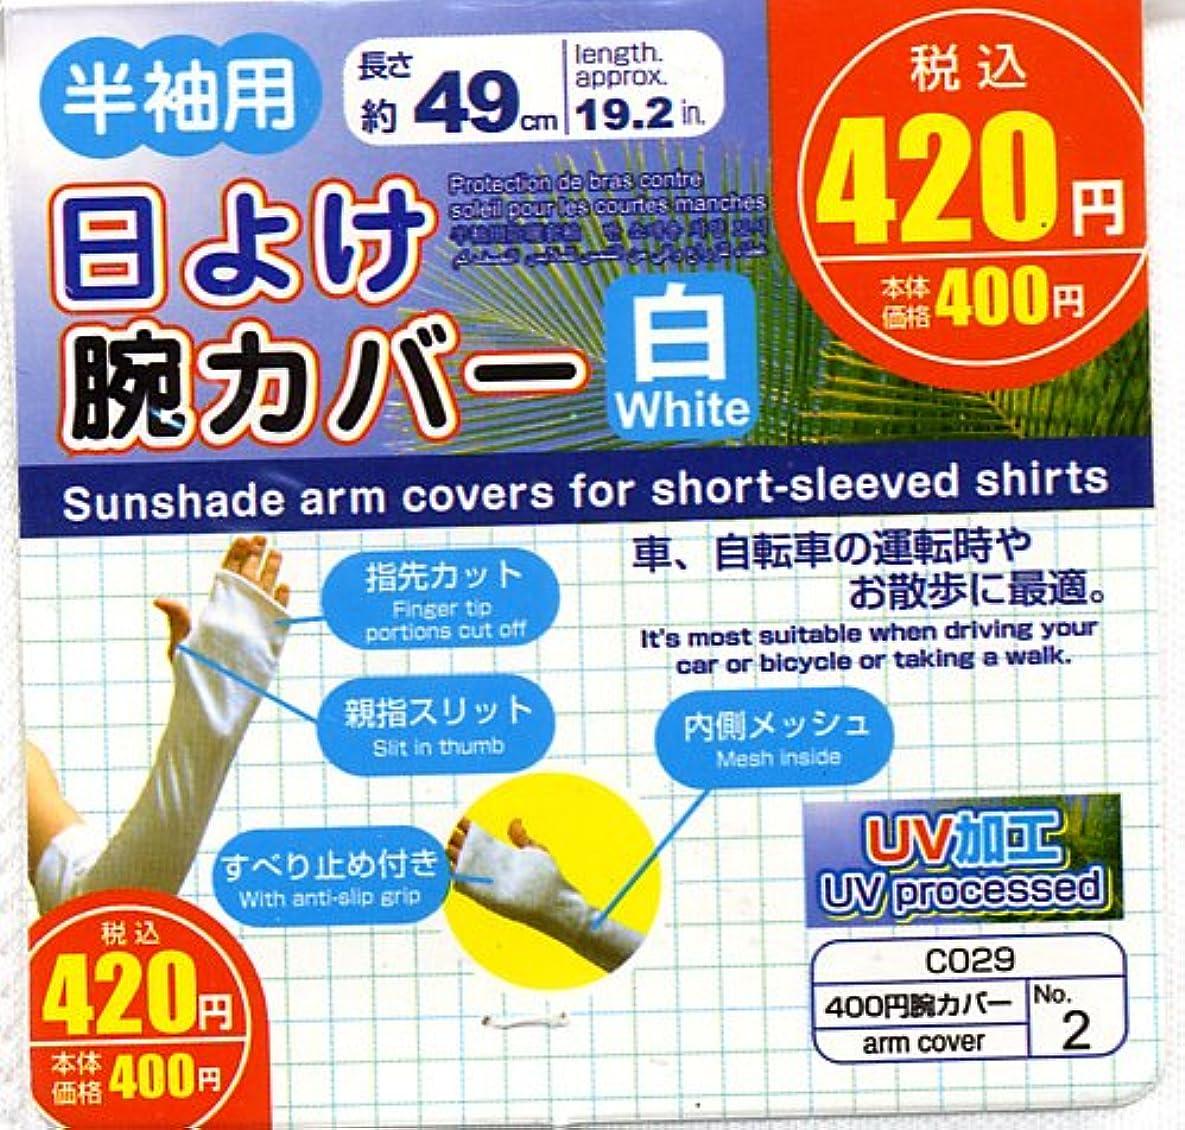 増強ワックス業界紫外線対策に!UVカットでお肌を紫外線から守る!日よけ腕カバー